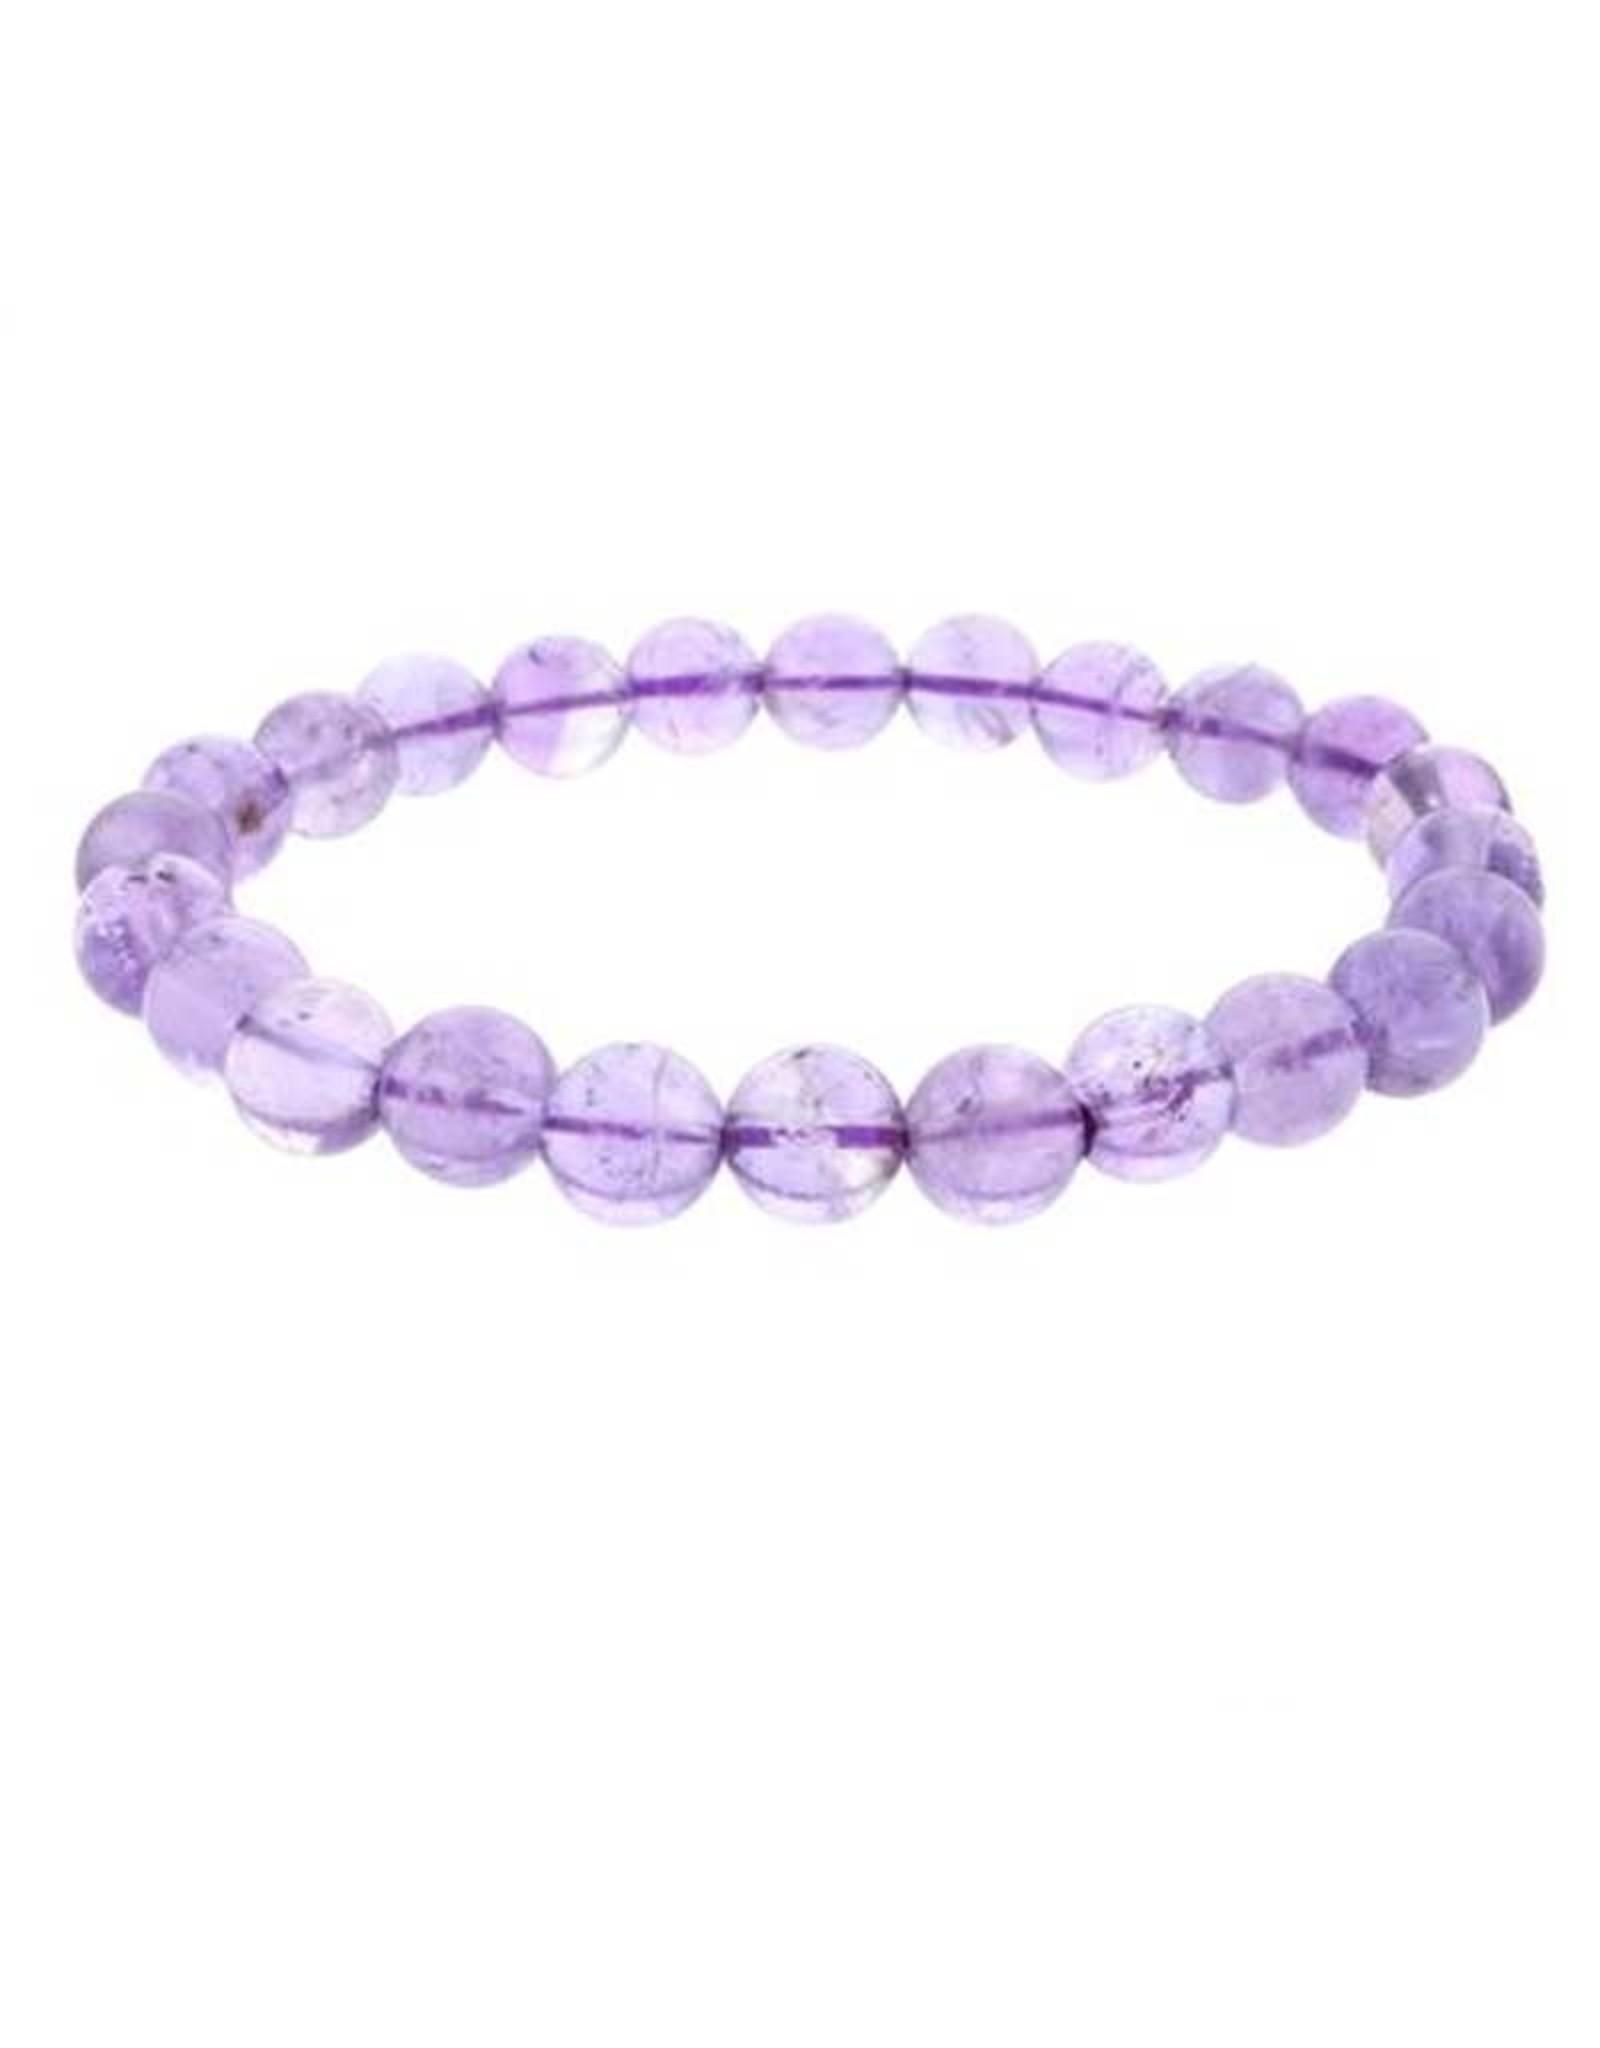 Amethyst Light Violet Bracelet 8mm